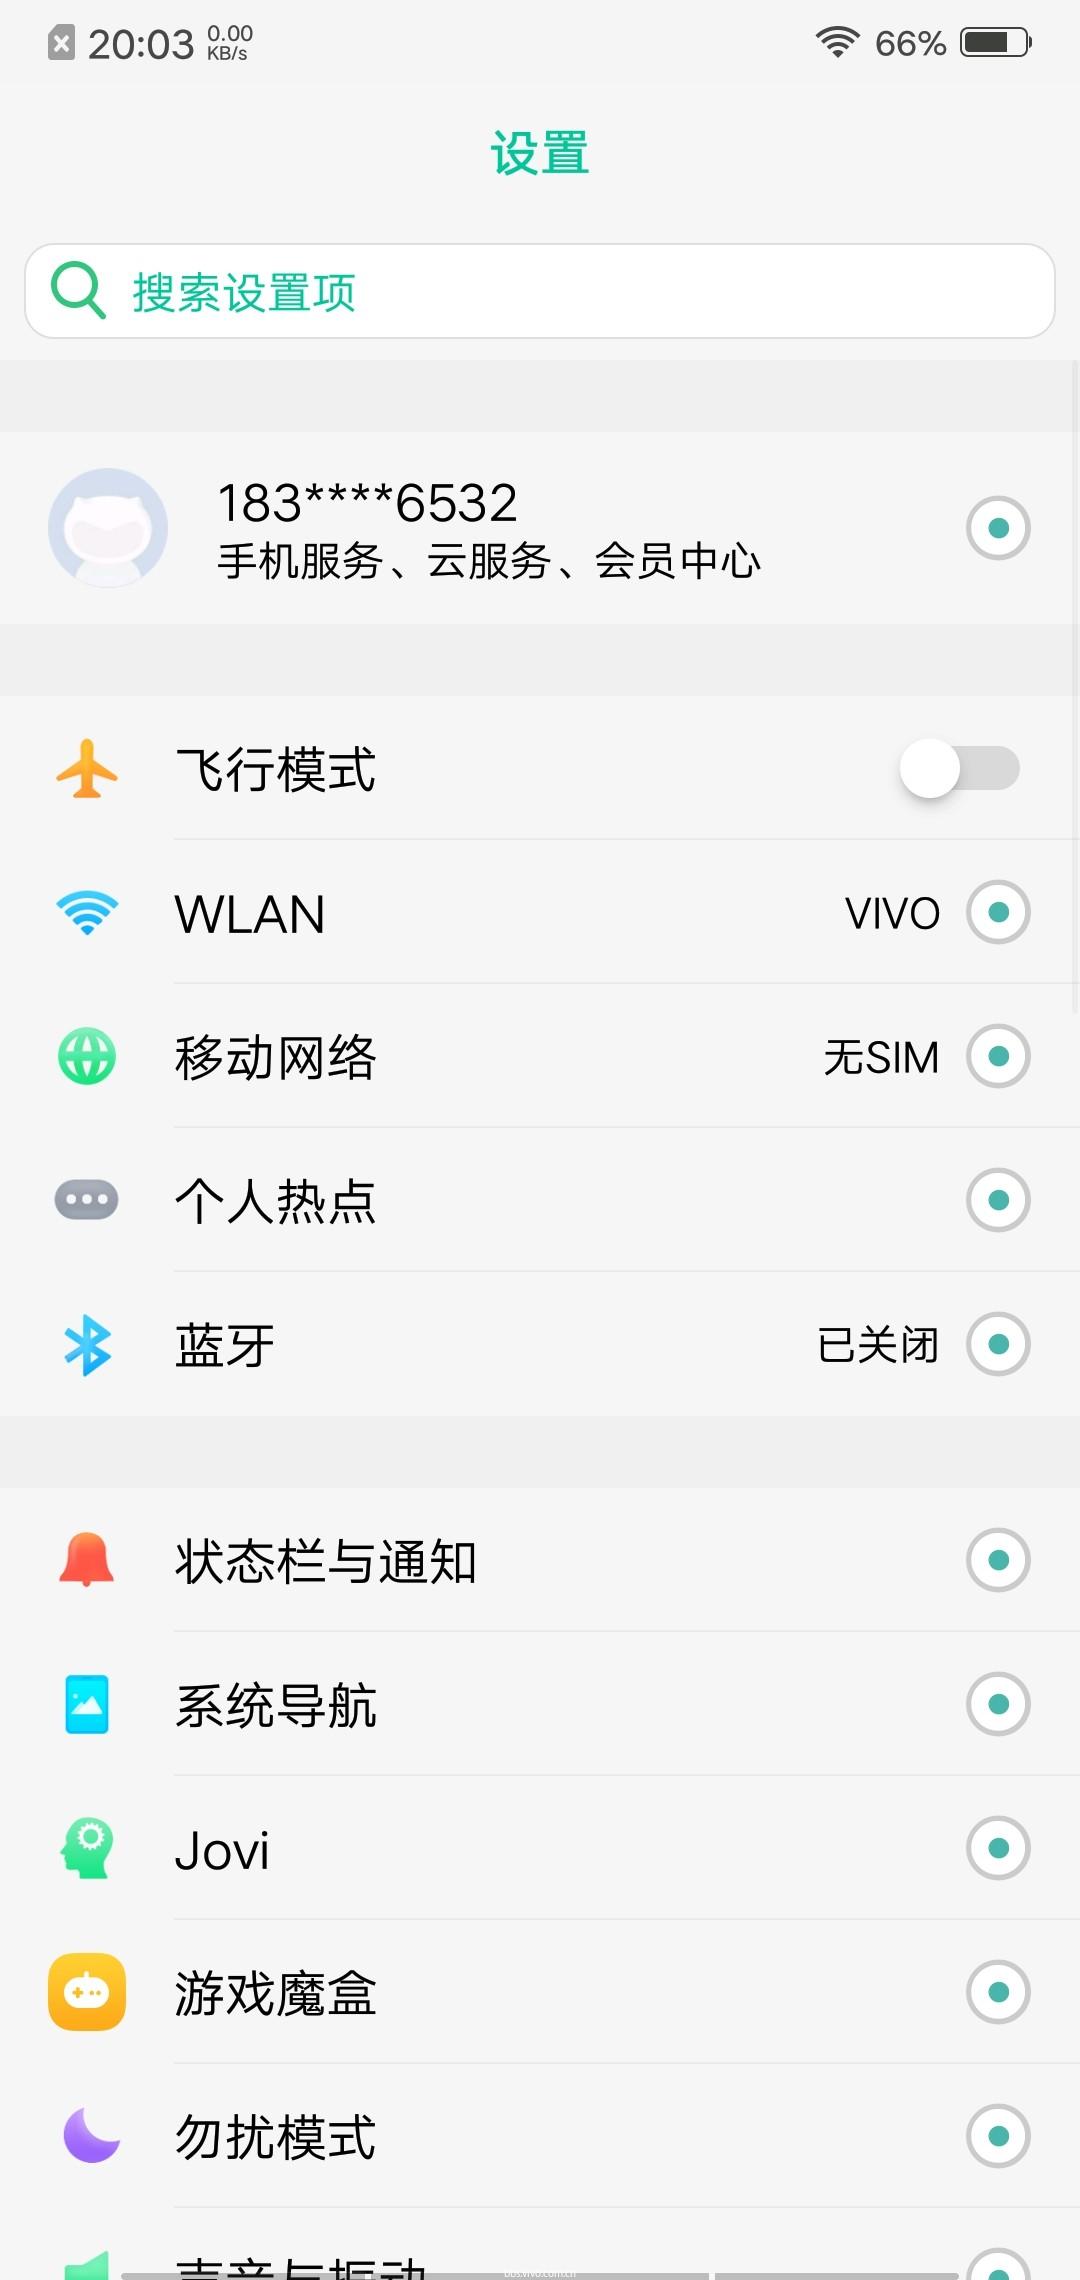 Screenshot_20190212_200324.jpg